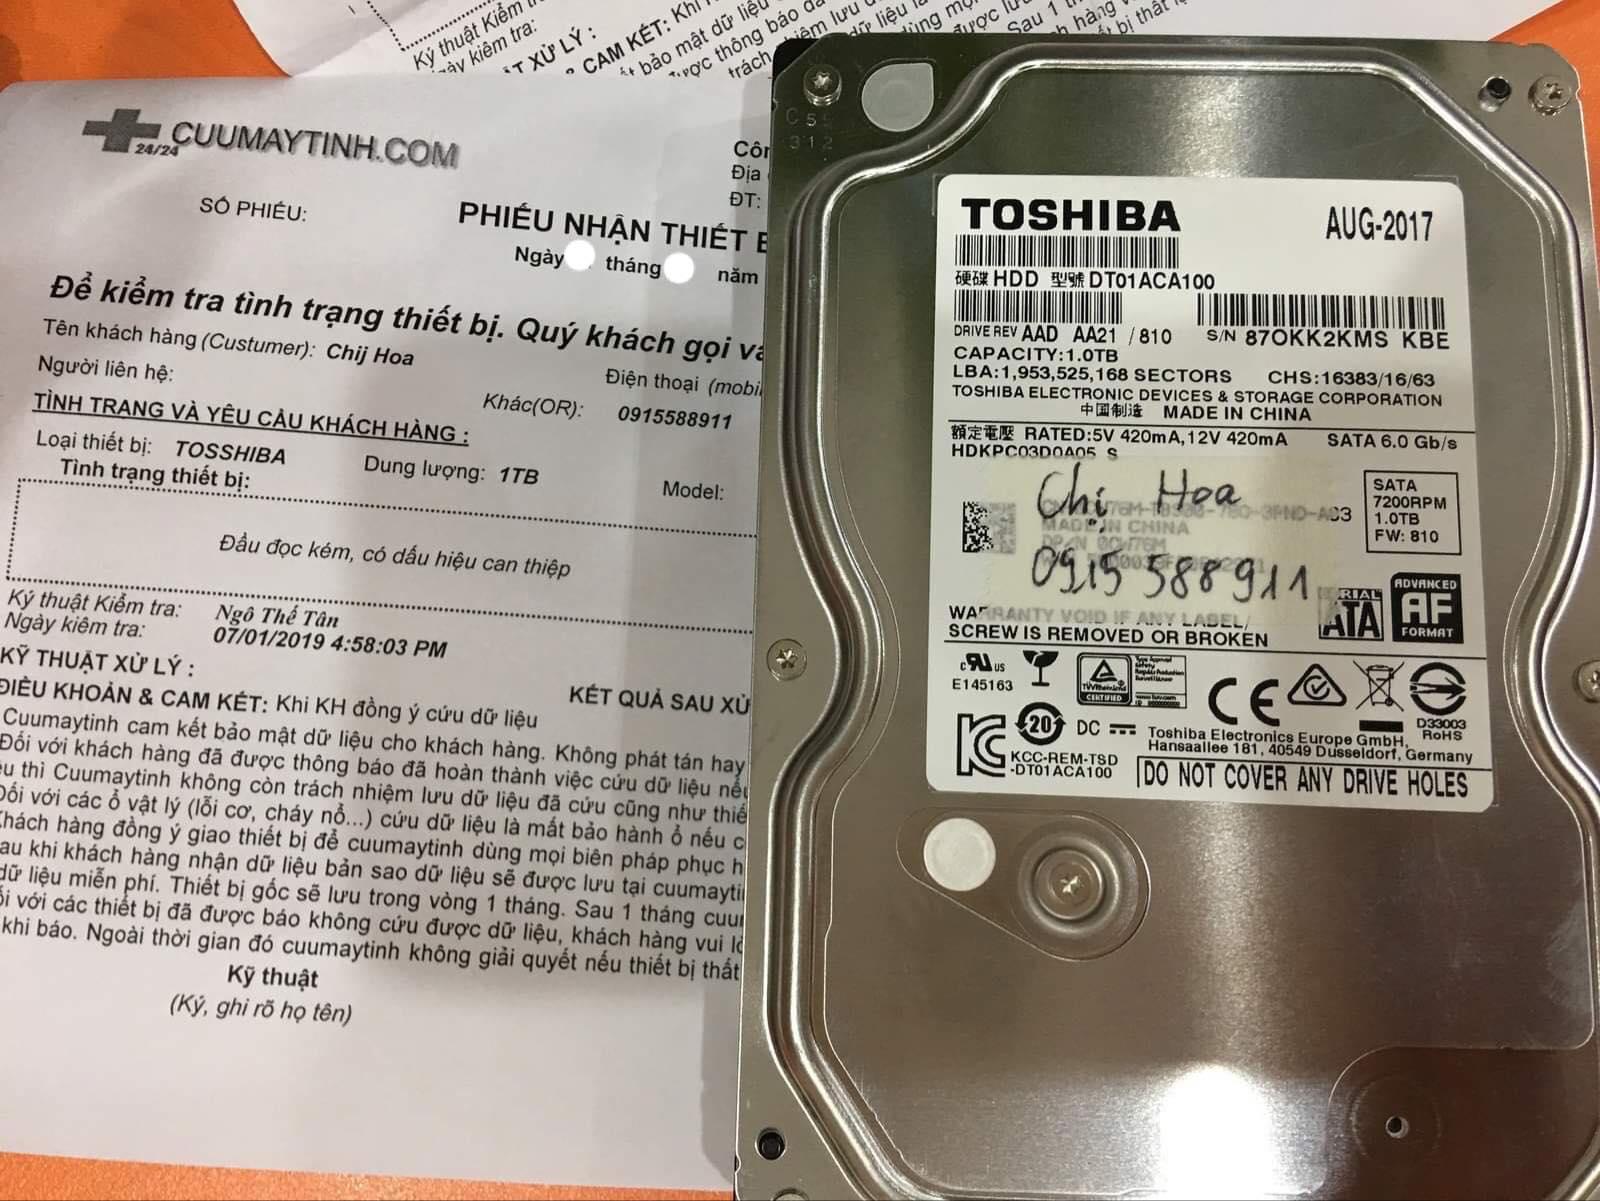 Cứu dữ liệu ổ cứng Toshiba dung lượng 1TB đầu đọc kém 13/08/2019 - cuumaytinh